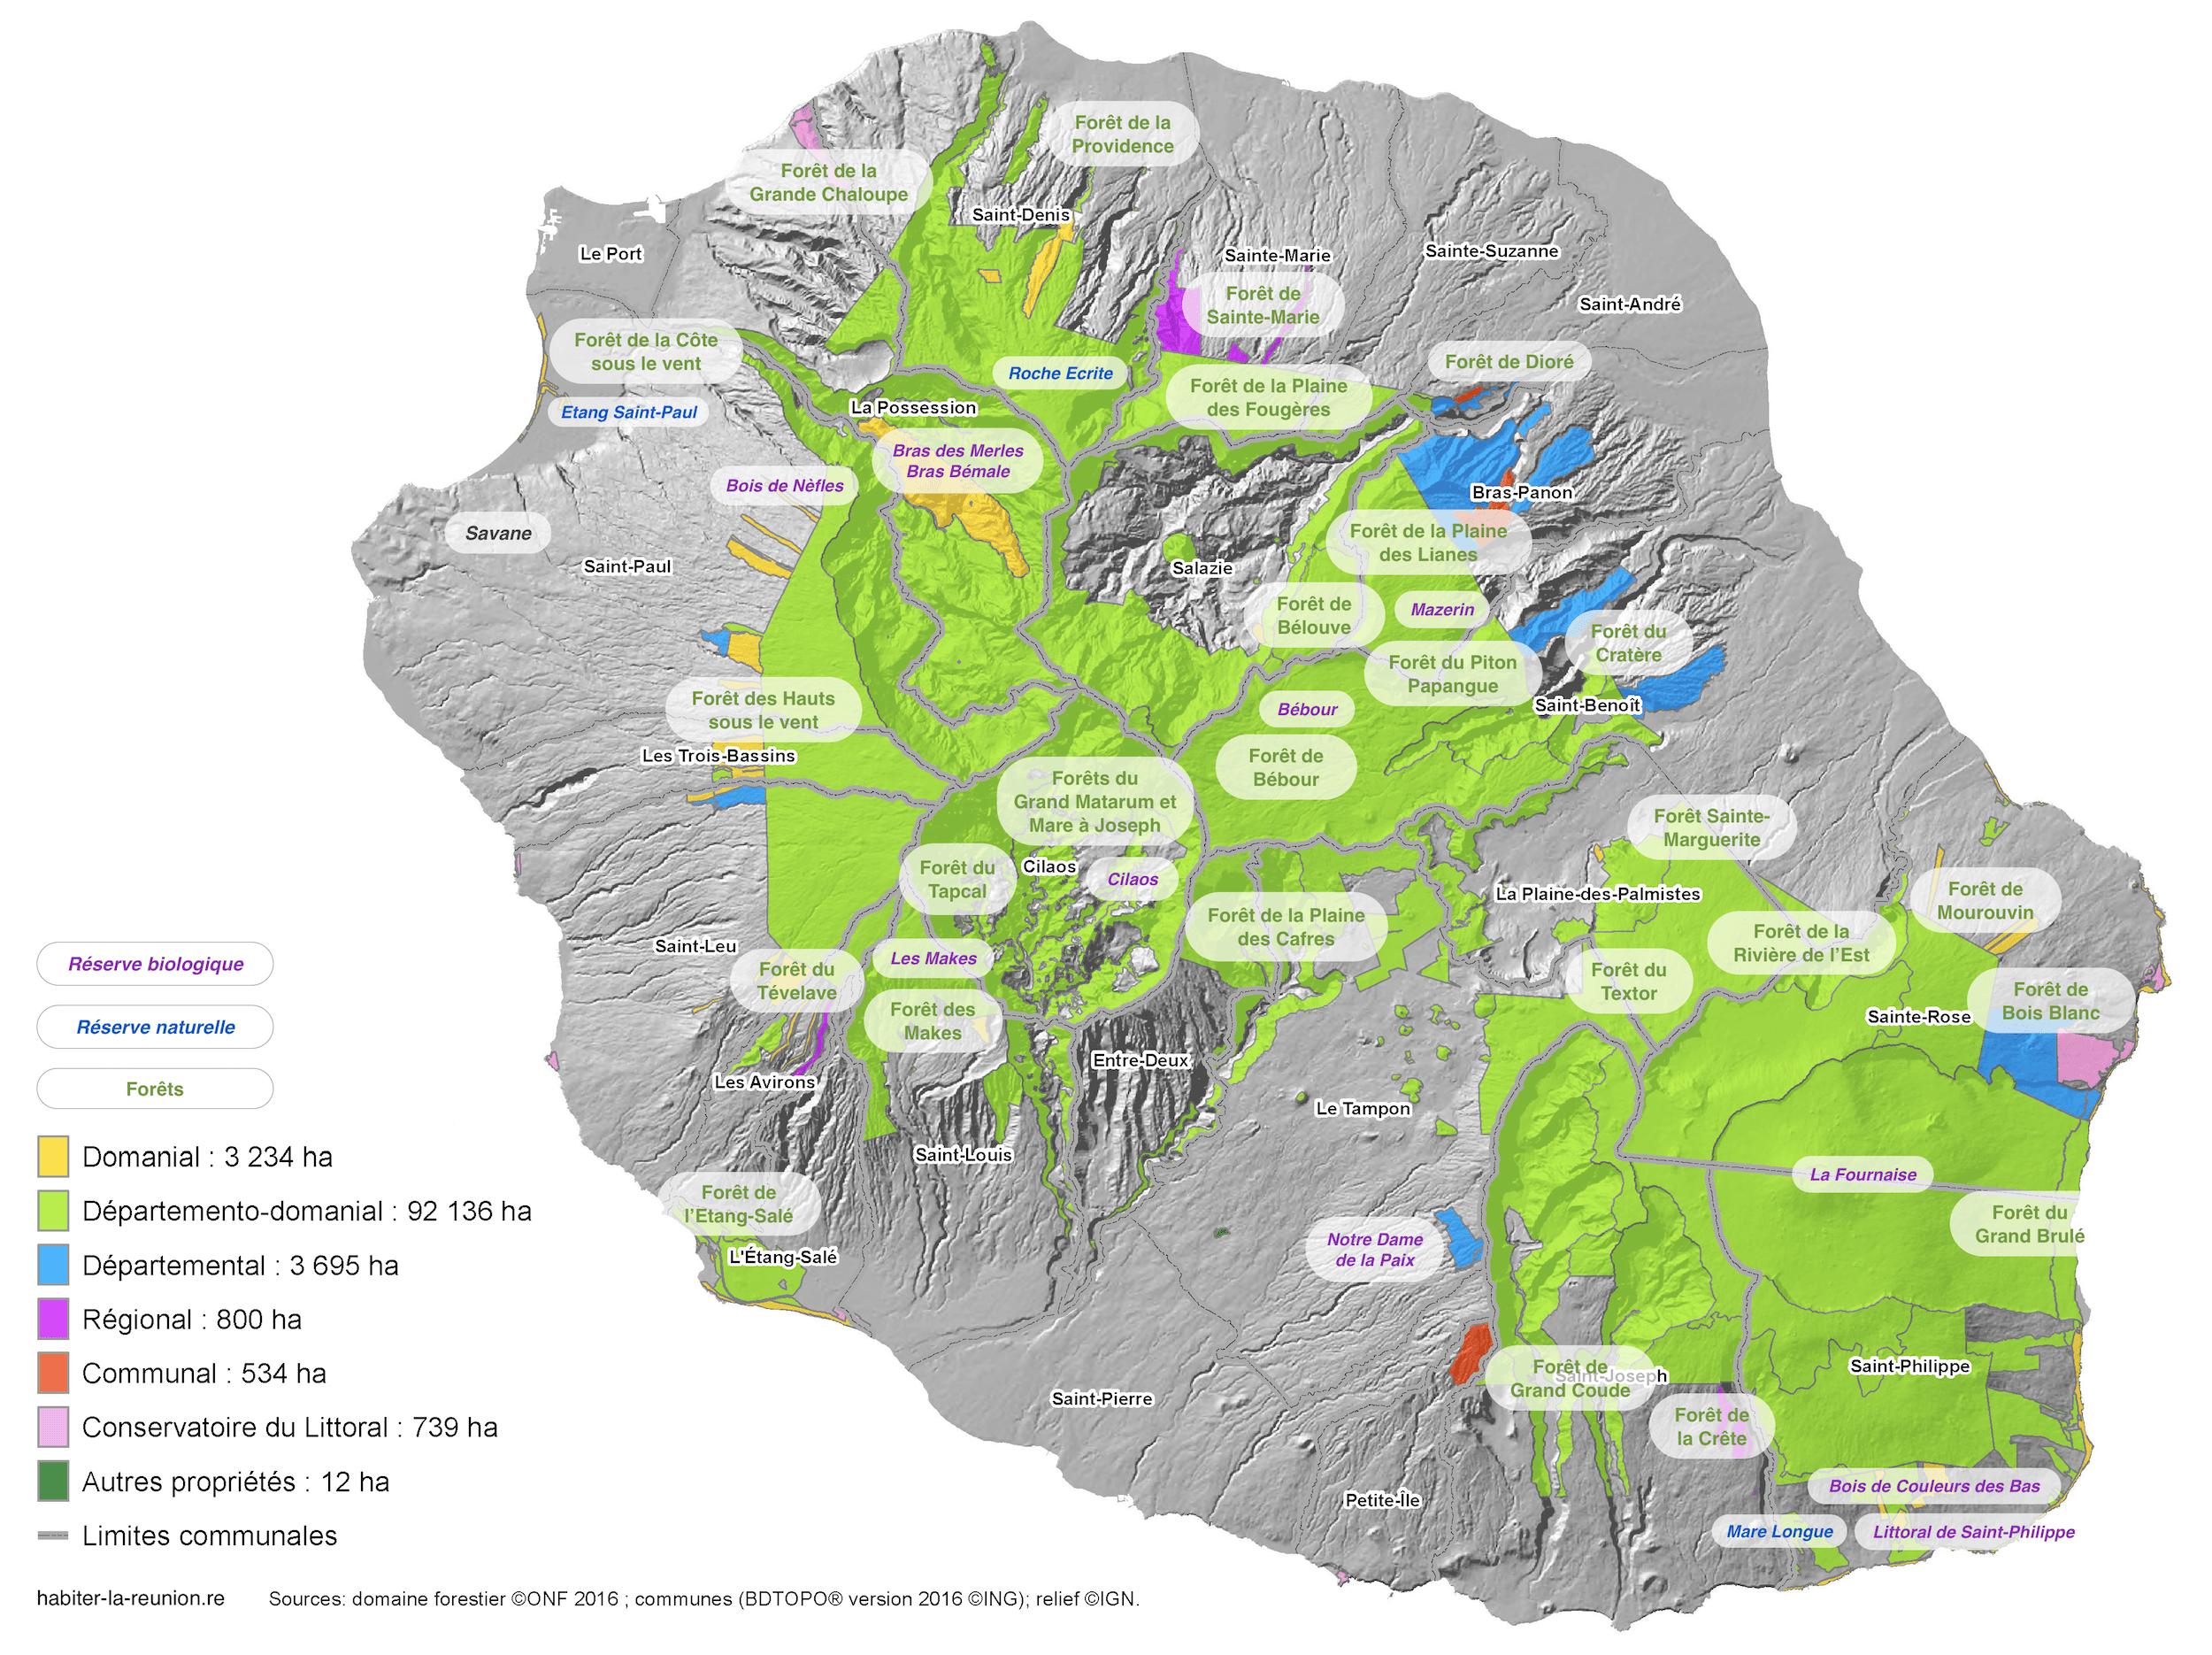 Carte-forêts-reserves-biologiques-naturelles-reunion-974